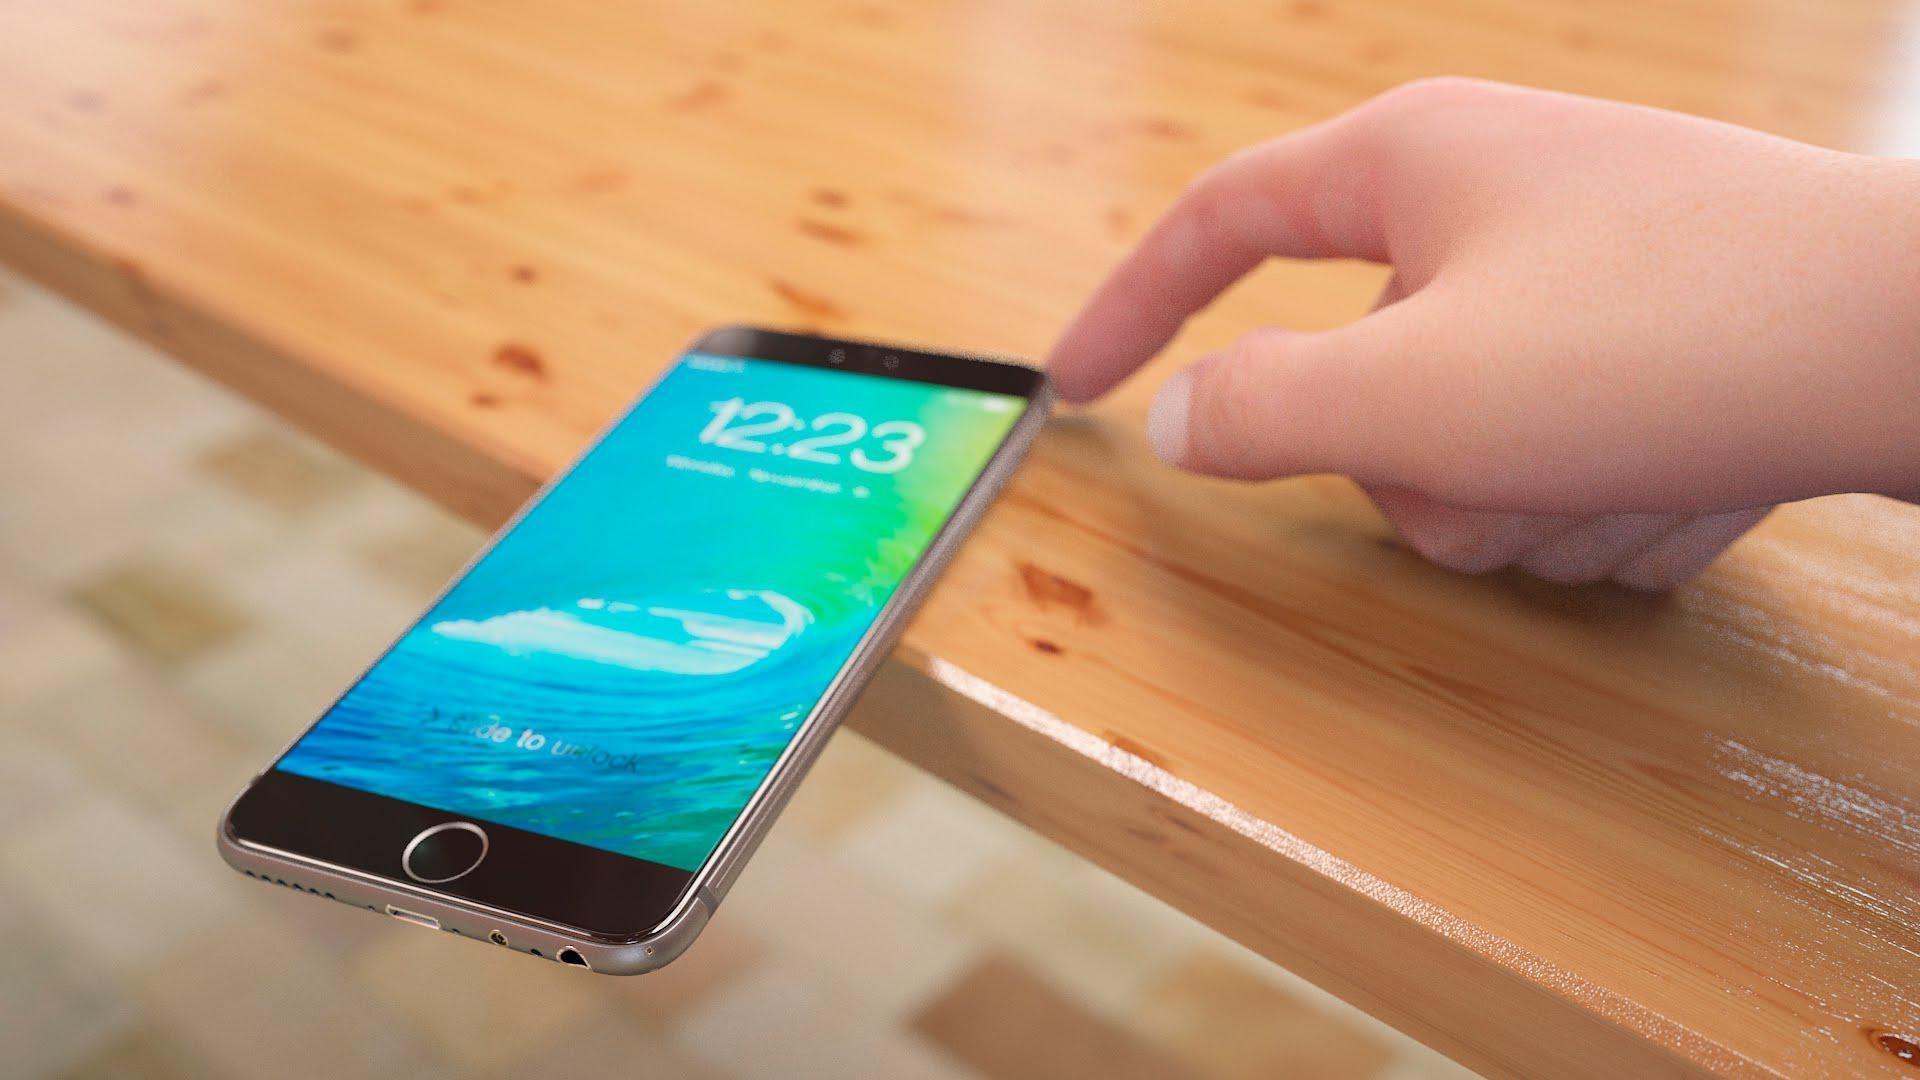 Как дольше сохранять заряд батареи айфона: простые способы